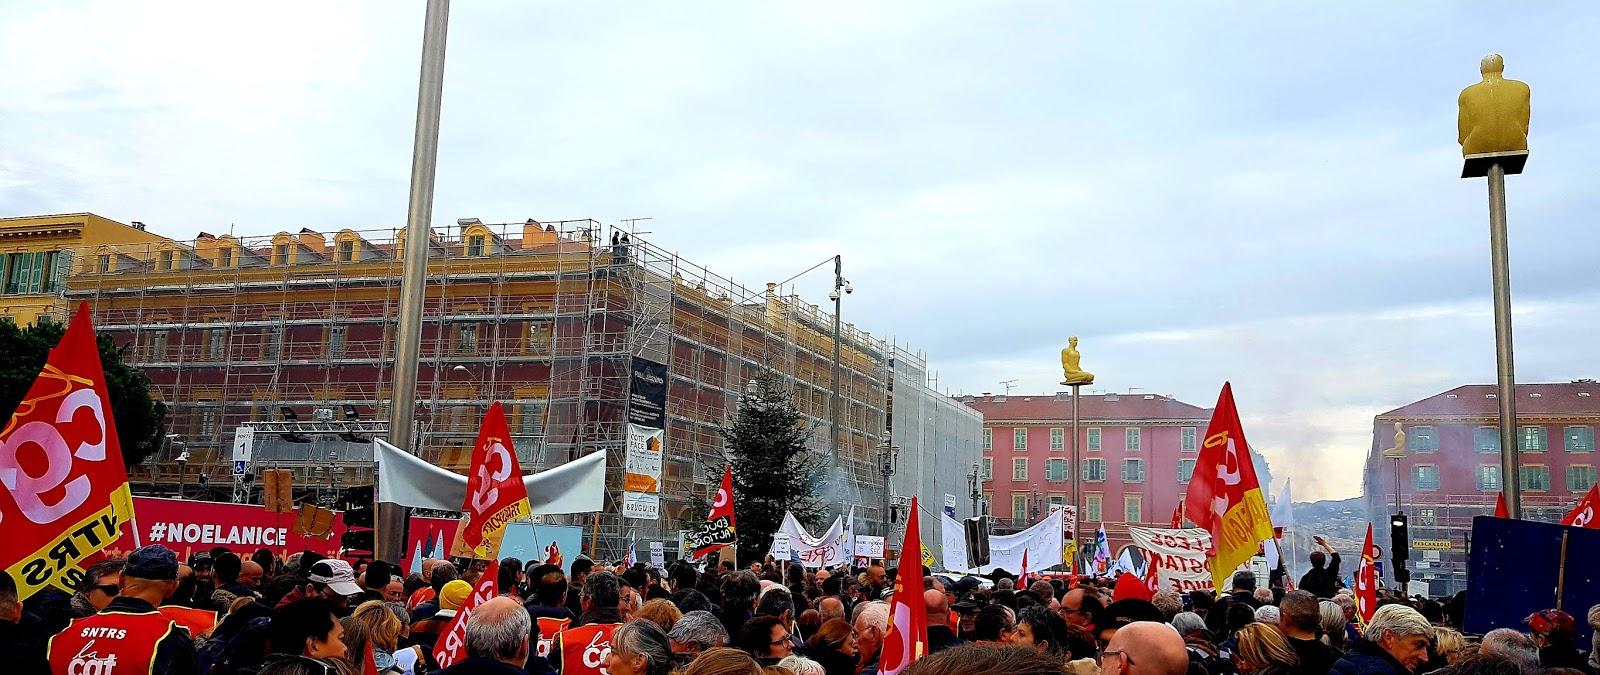 """Plus de 1,5 million de personnes ont défilé jeudi dans le cadre de """"plus de 250 manifestations"""" dans toute la France contre la réforme des retraites. Ici, à Nice — Photo C.A. pour Rivieractu Magazine"""